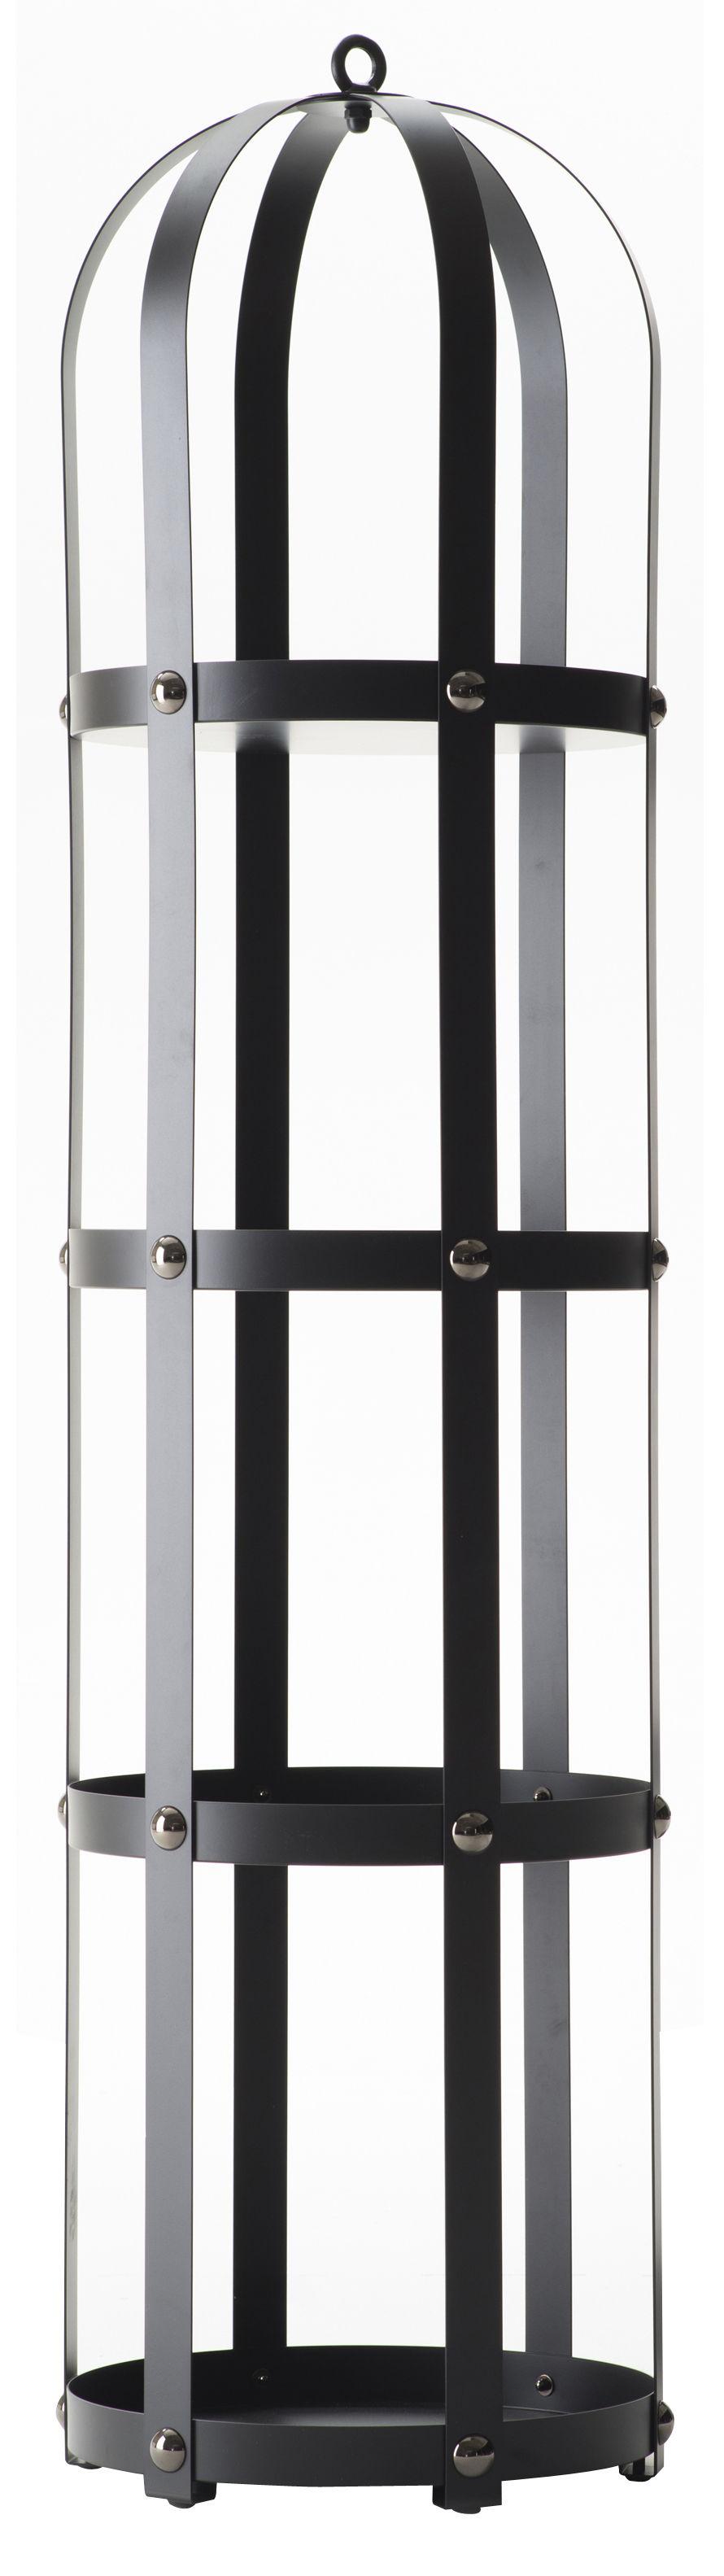 Arredamento - Scaffali e librerie - Scaffale La Gabbia - / Ø 40 x H 170 cm di Opinion Ciatti - Nero / Rivetti neri - Acciaio laccato, Nichel